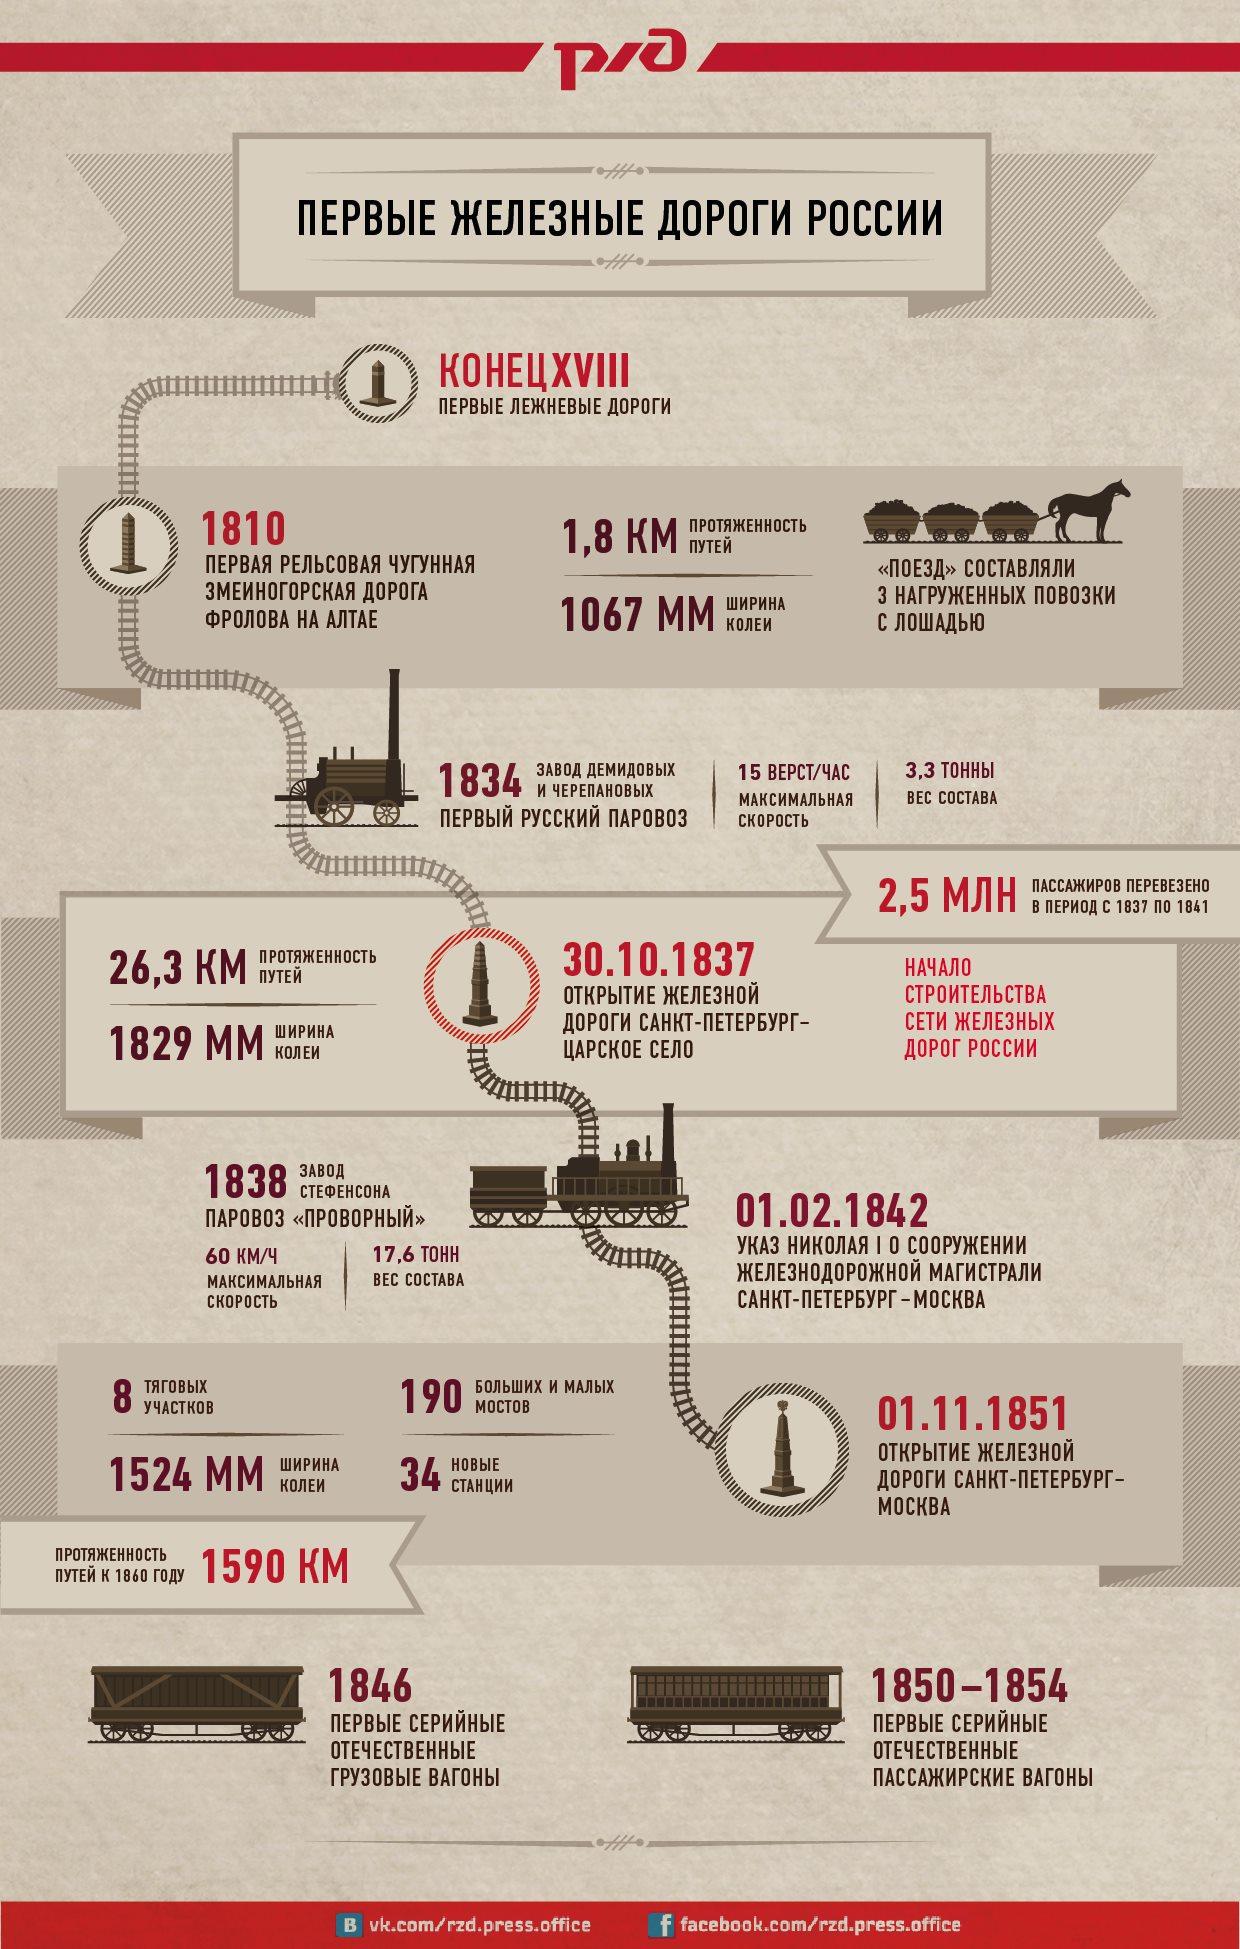 Инфографика: Первые железные дороги России